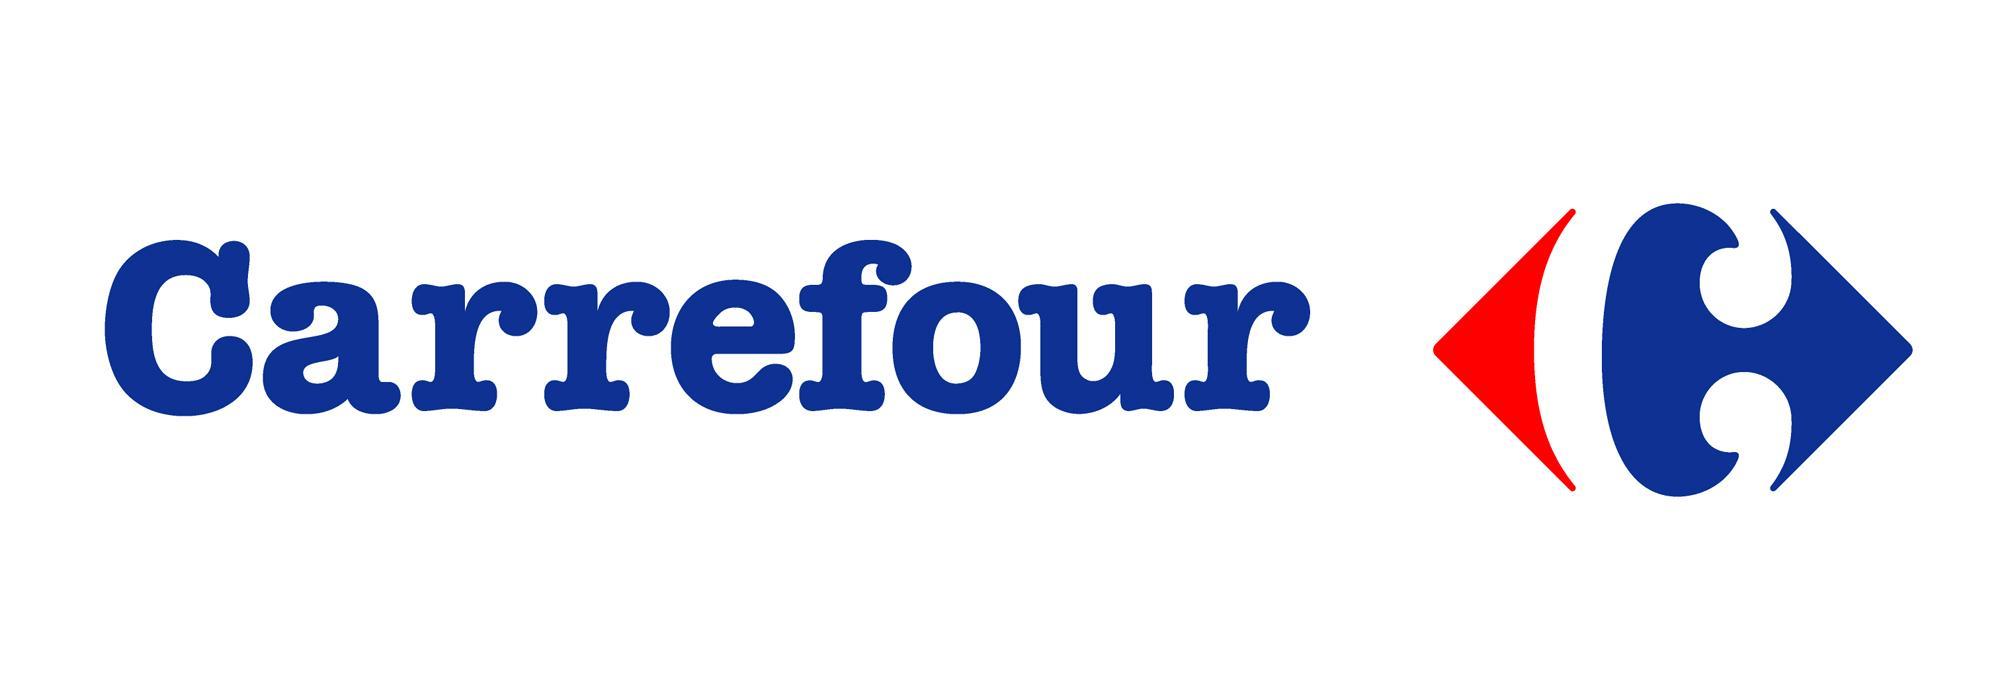 Une grande partie des Français ne voit pas que le logo de Carrefour est en fait un C majuscule.